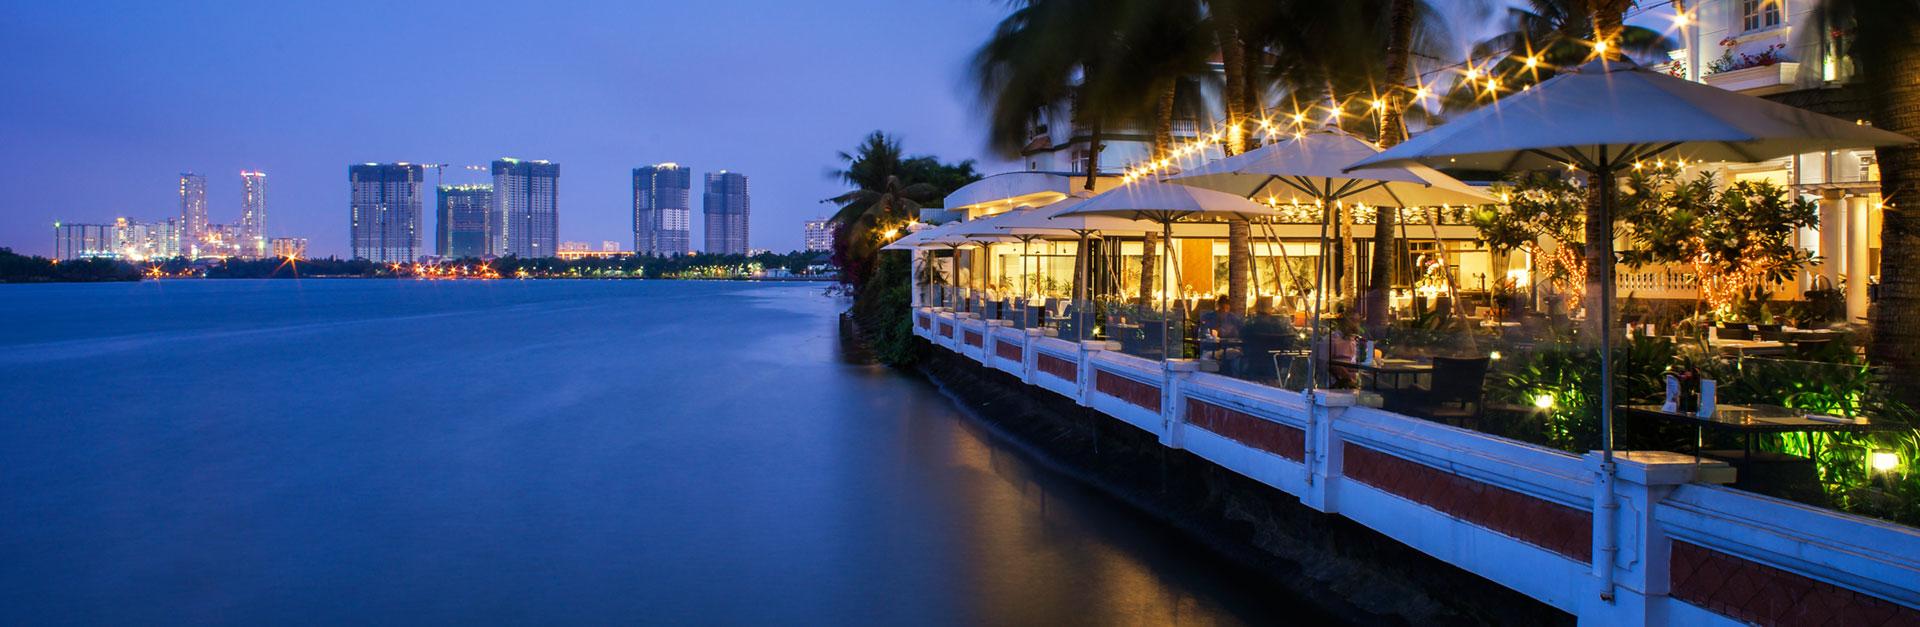 Villa Song Saigon Boutique Luxury Hotel Vietnam Slider Bistro